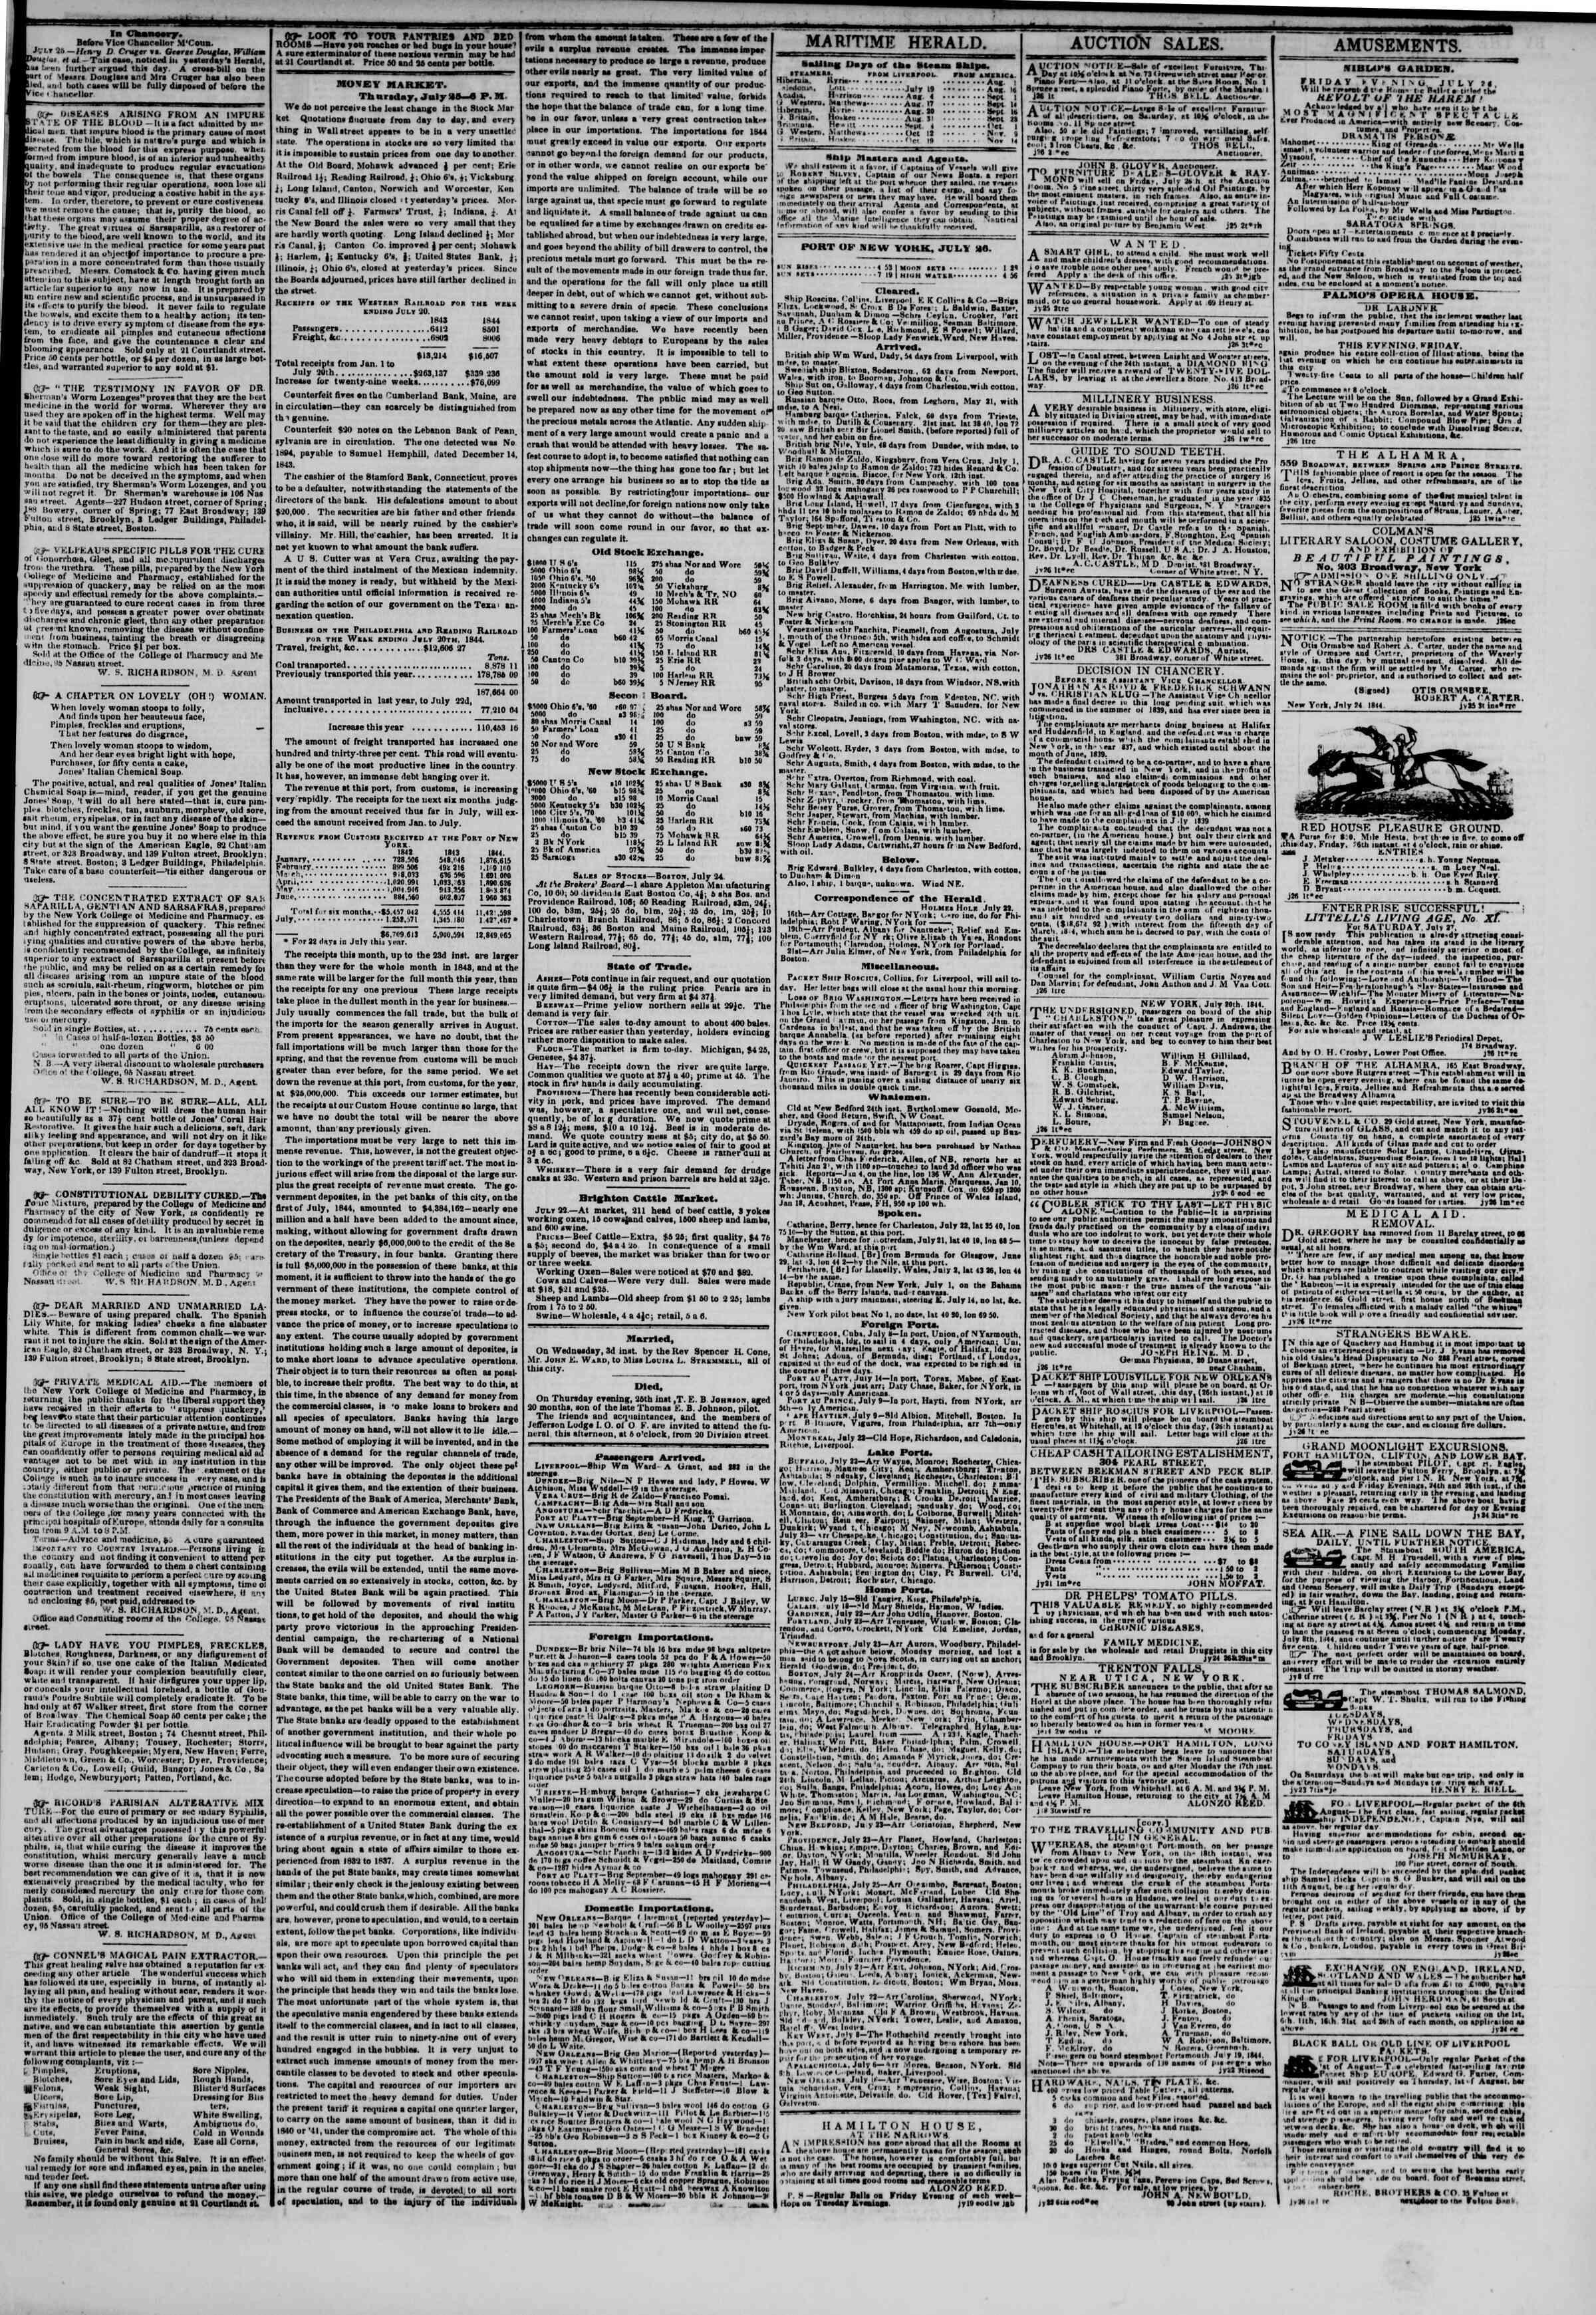 July 26, 1844 Tarihli The New York Herald Gazetesi Sayfa 3